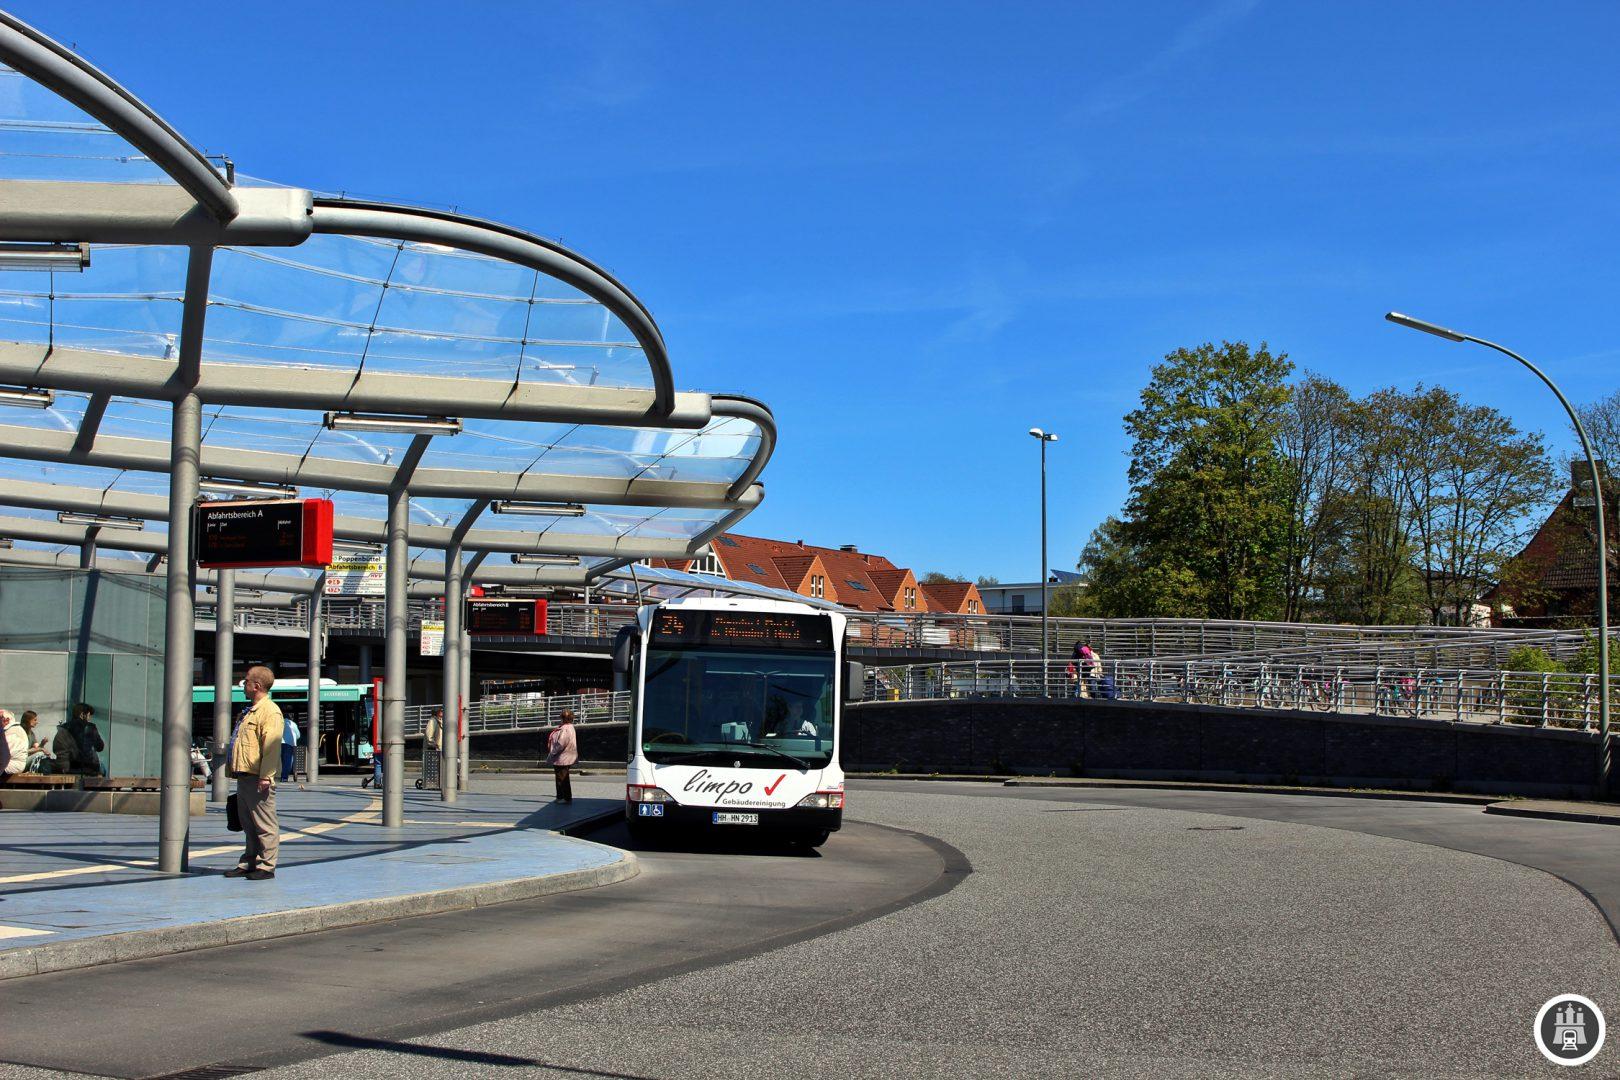 Hier an der Poppenbüttler Busumsteigeanlage treffen sich 7 Tag- und 2 Nachtlinien. Der Busumsteigeanlage erhielt bereits zweimal einen Designpreis für seine moderne Architektur. Die 24 hat hier planmäßig einige Minuten Aufenthalt.